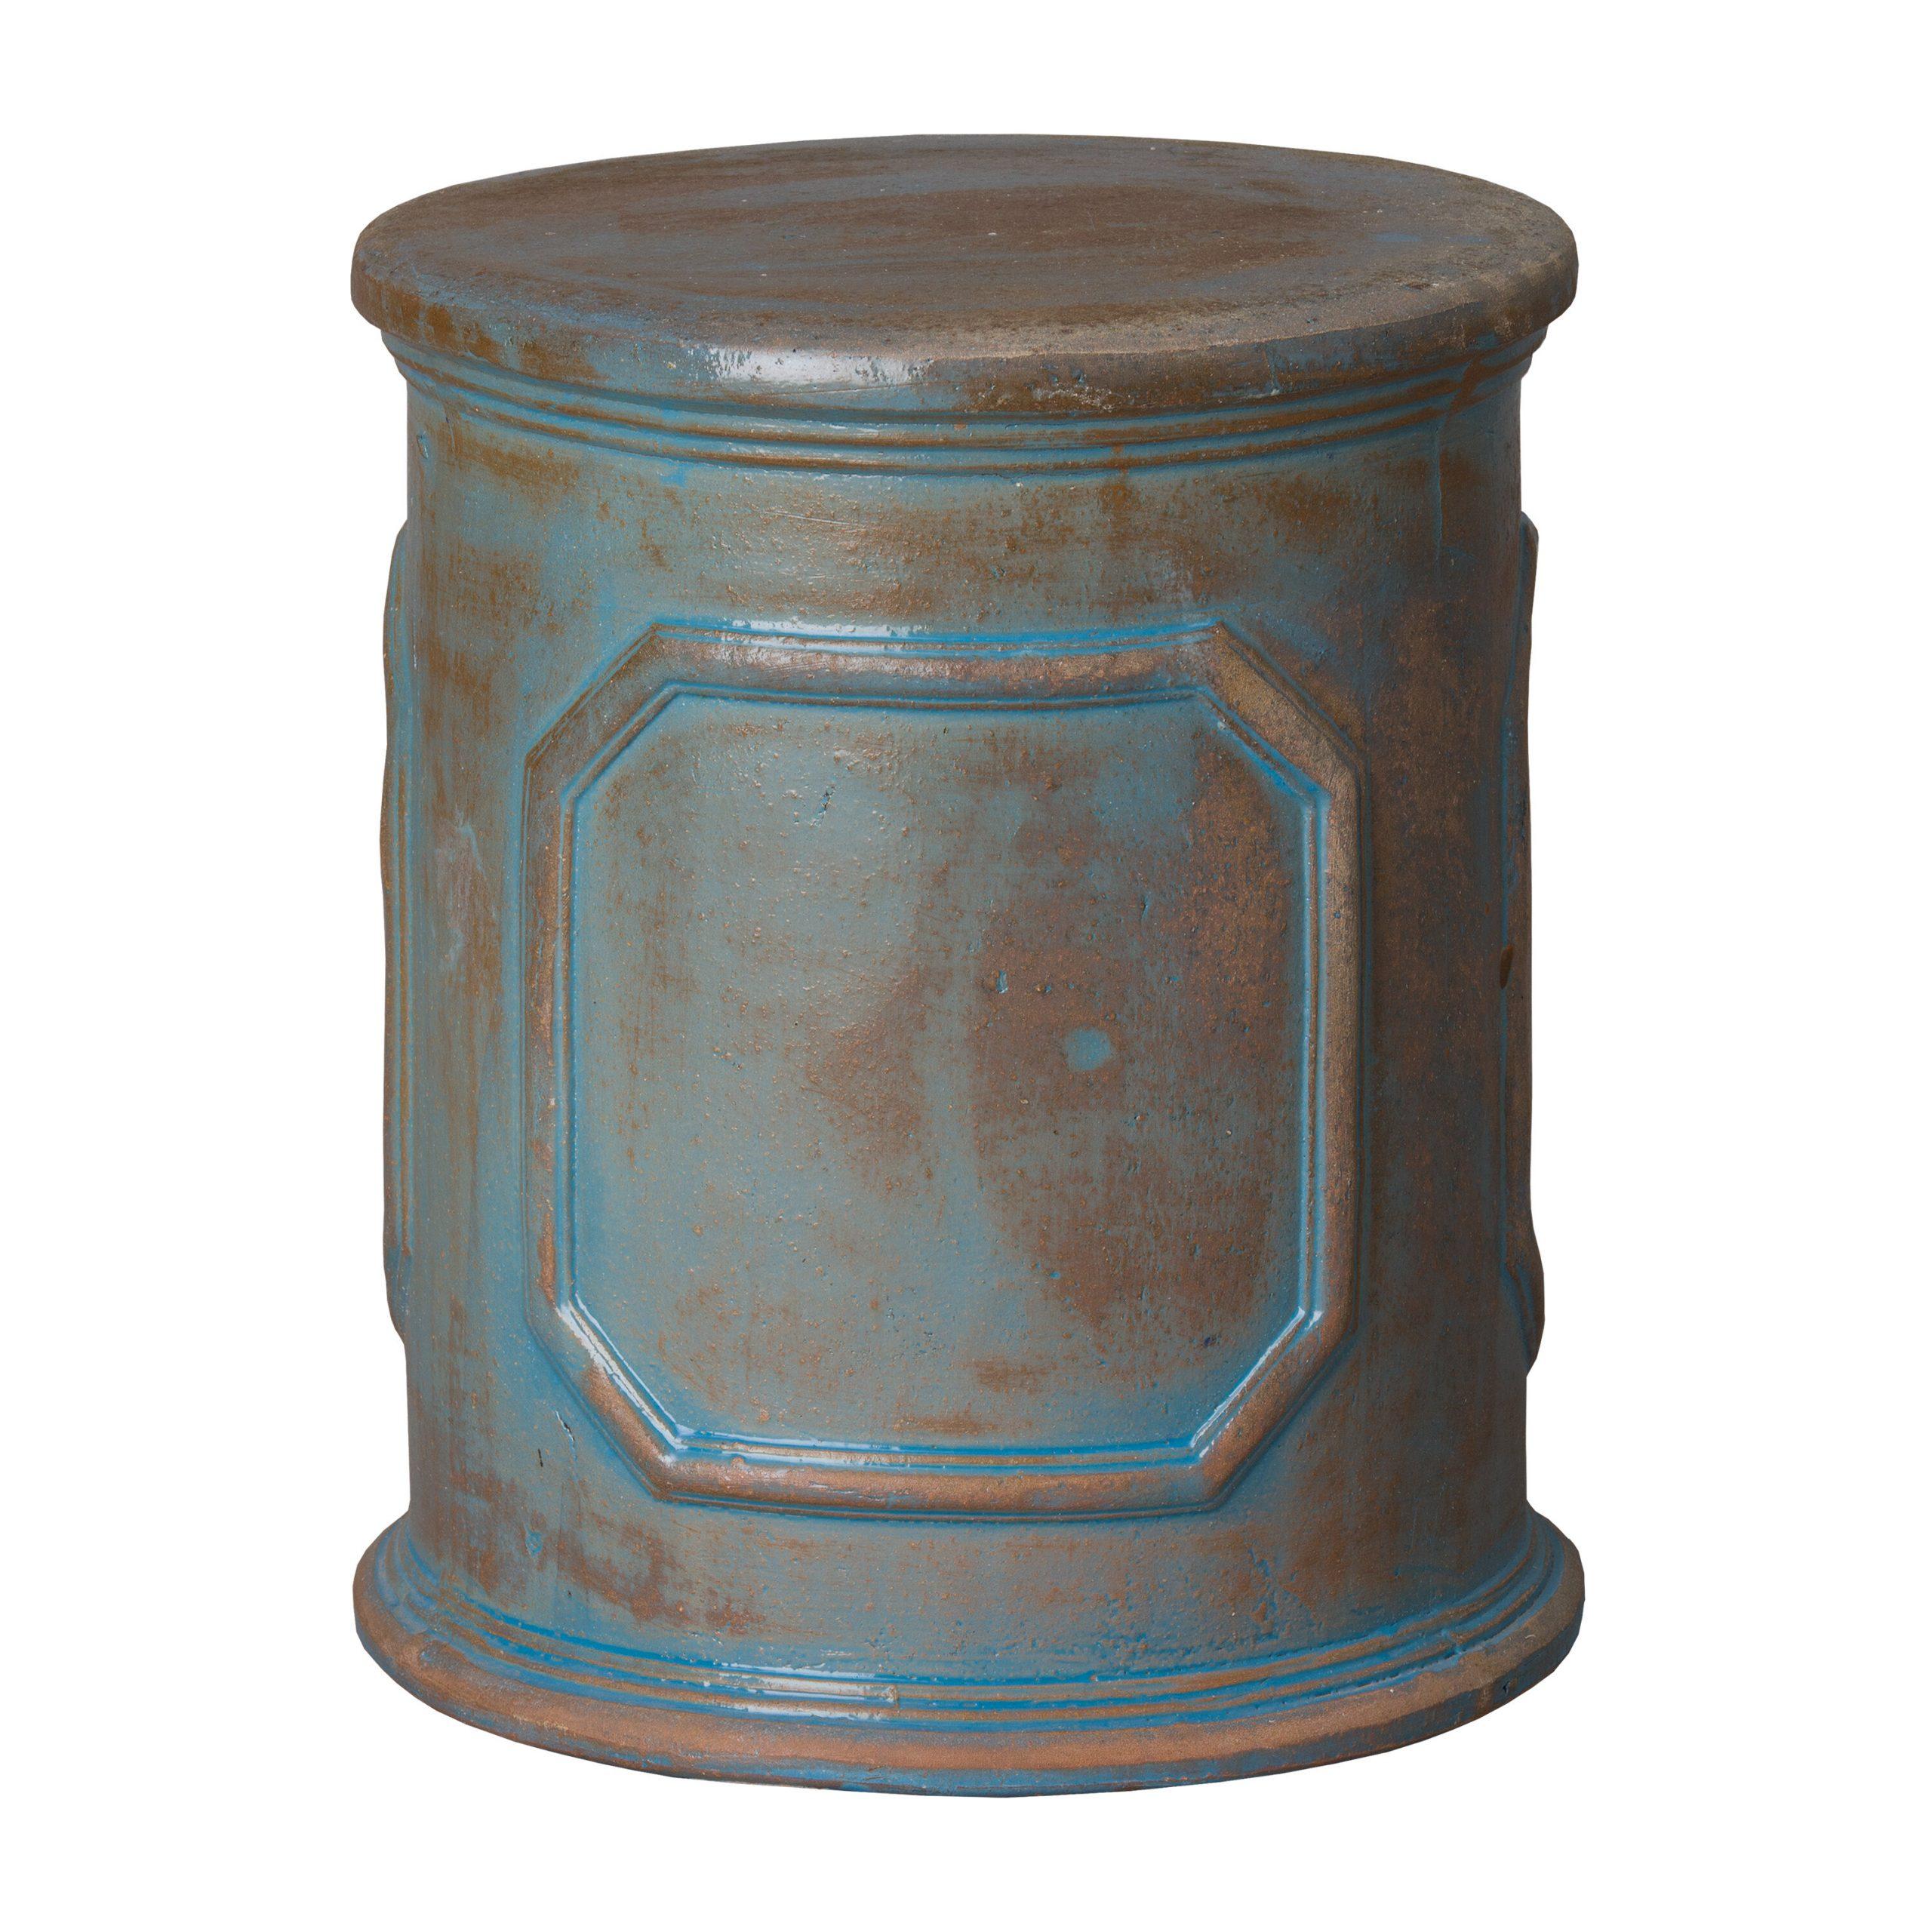 Penwortham Ceramic Garden Stool Intended For Engelhardt Ceramic Garden Stools (View 10 of 25)